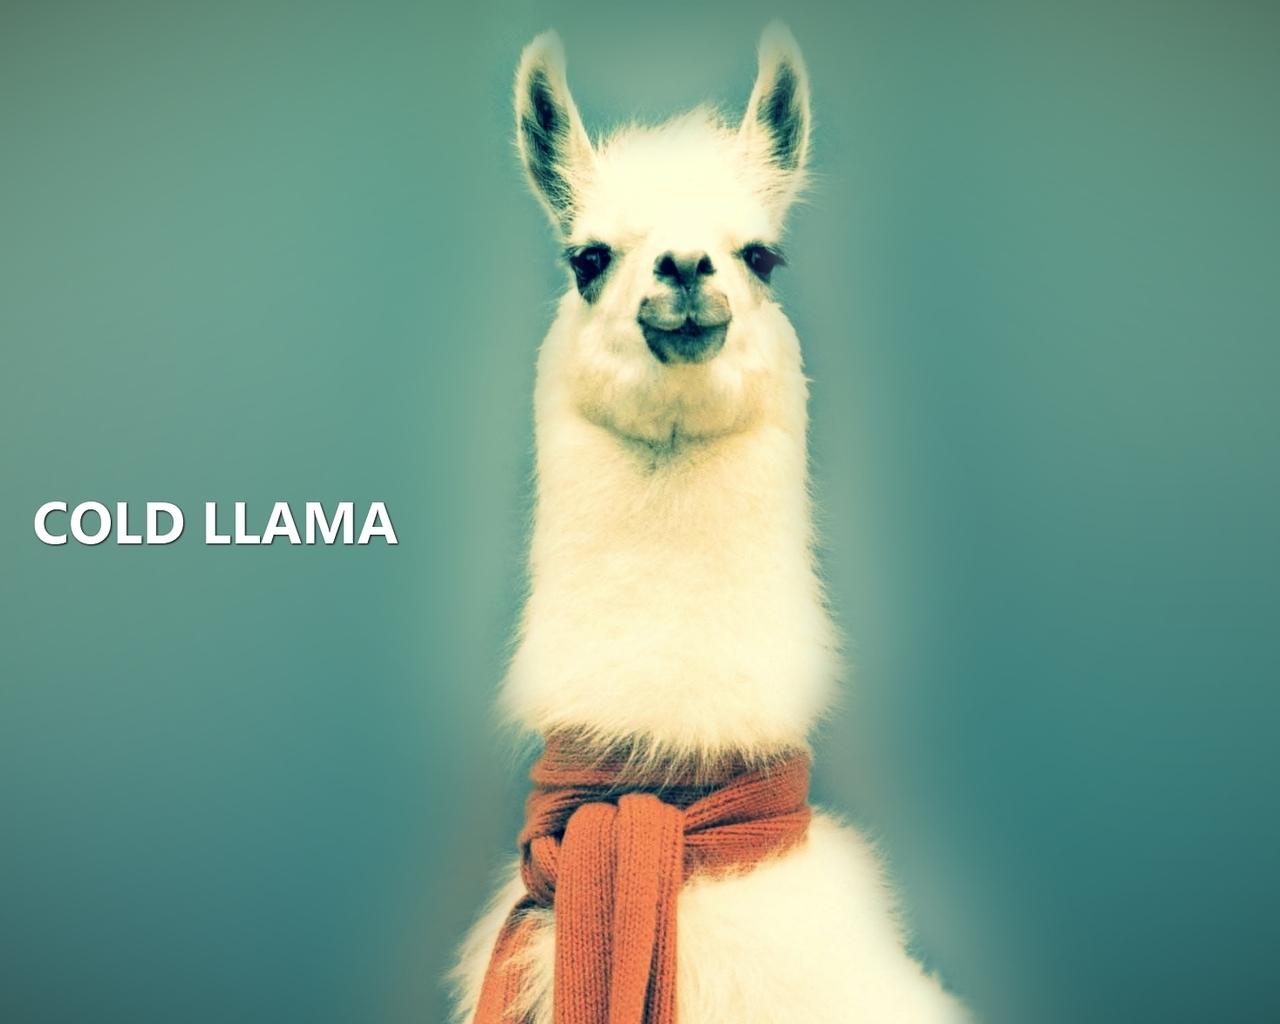 Wallpaper Lama COLD LLAMA animals Wallpapers 3d for desktop 3d 1280x1024